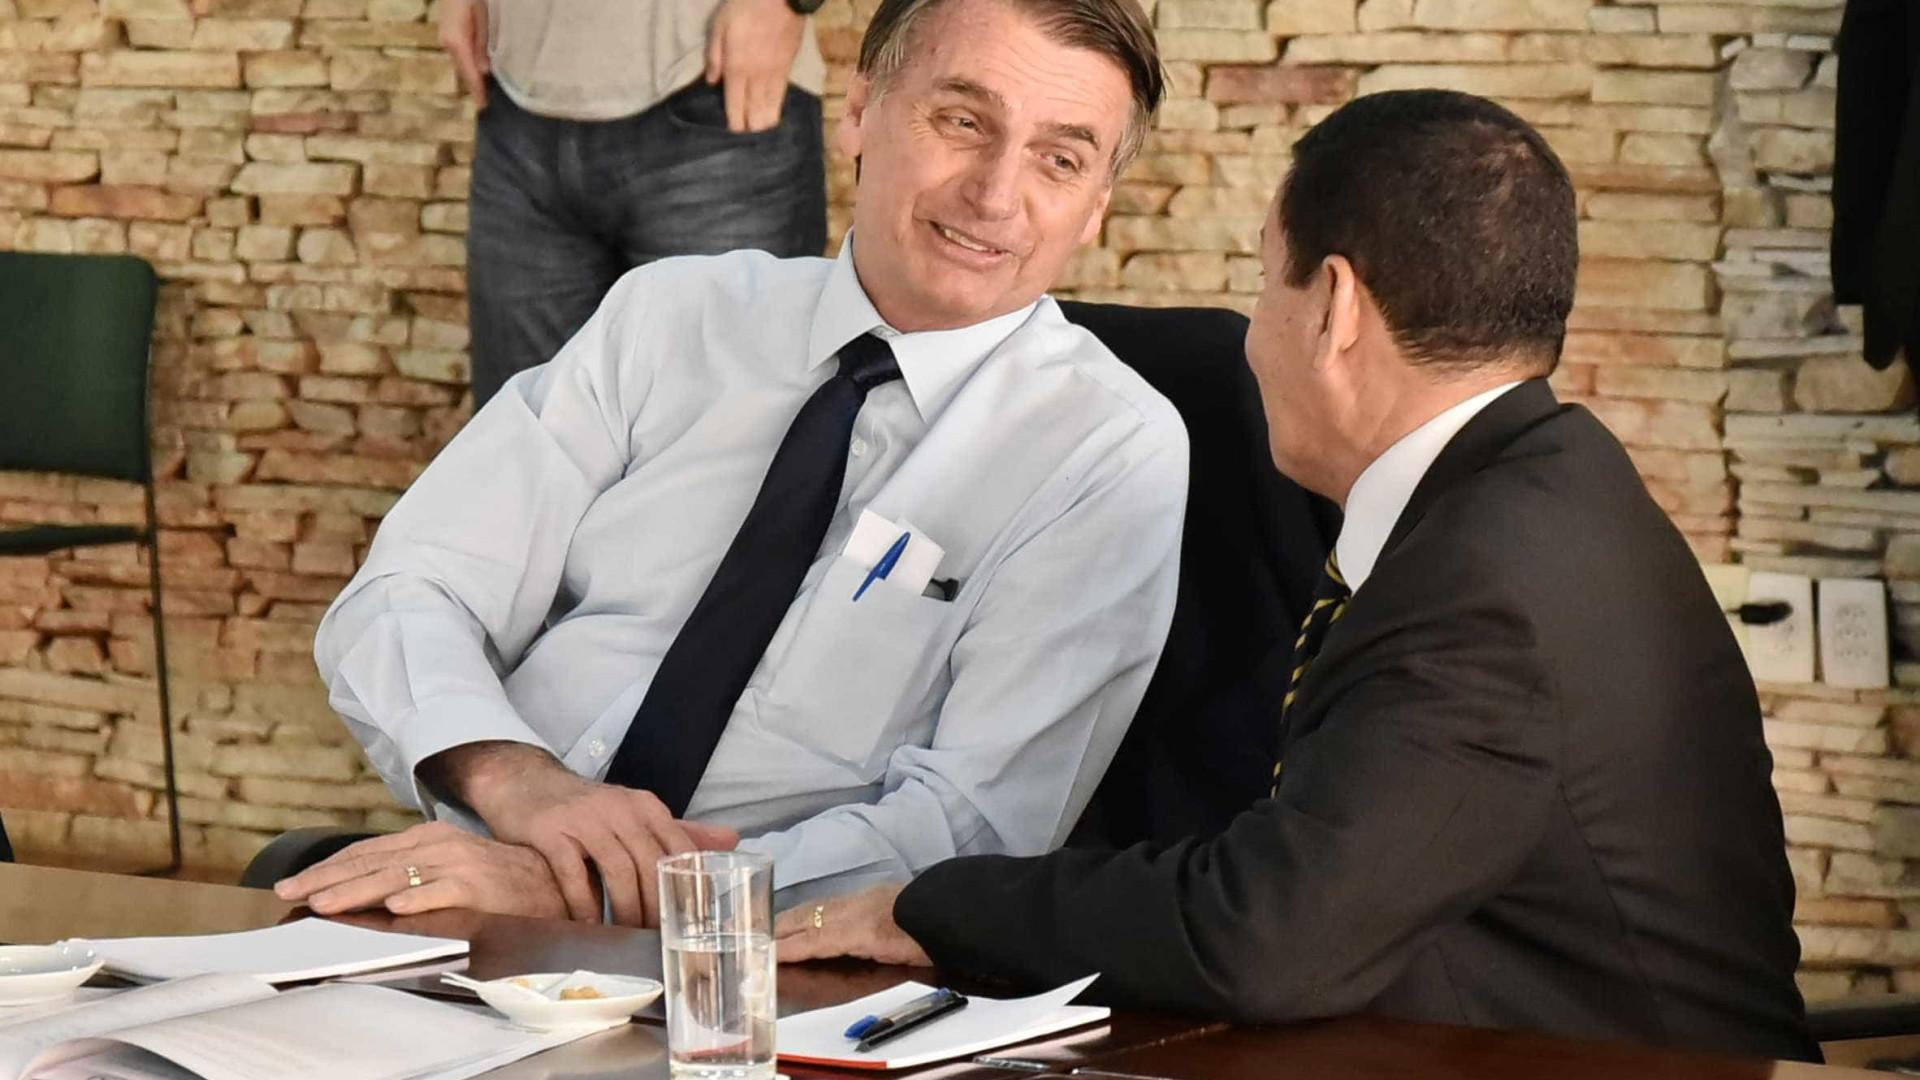 'Você quer me matar?', brinca Bolsonaro com Mourão